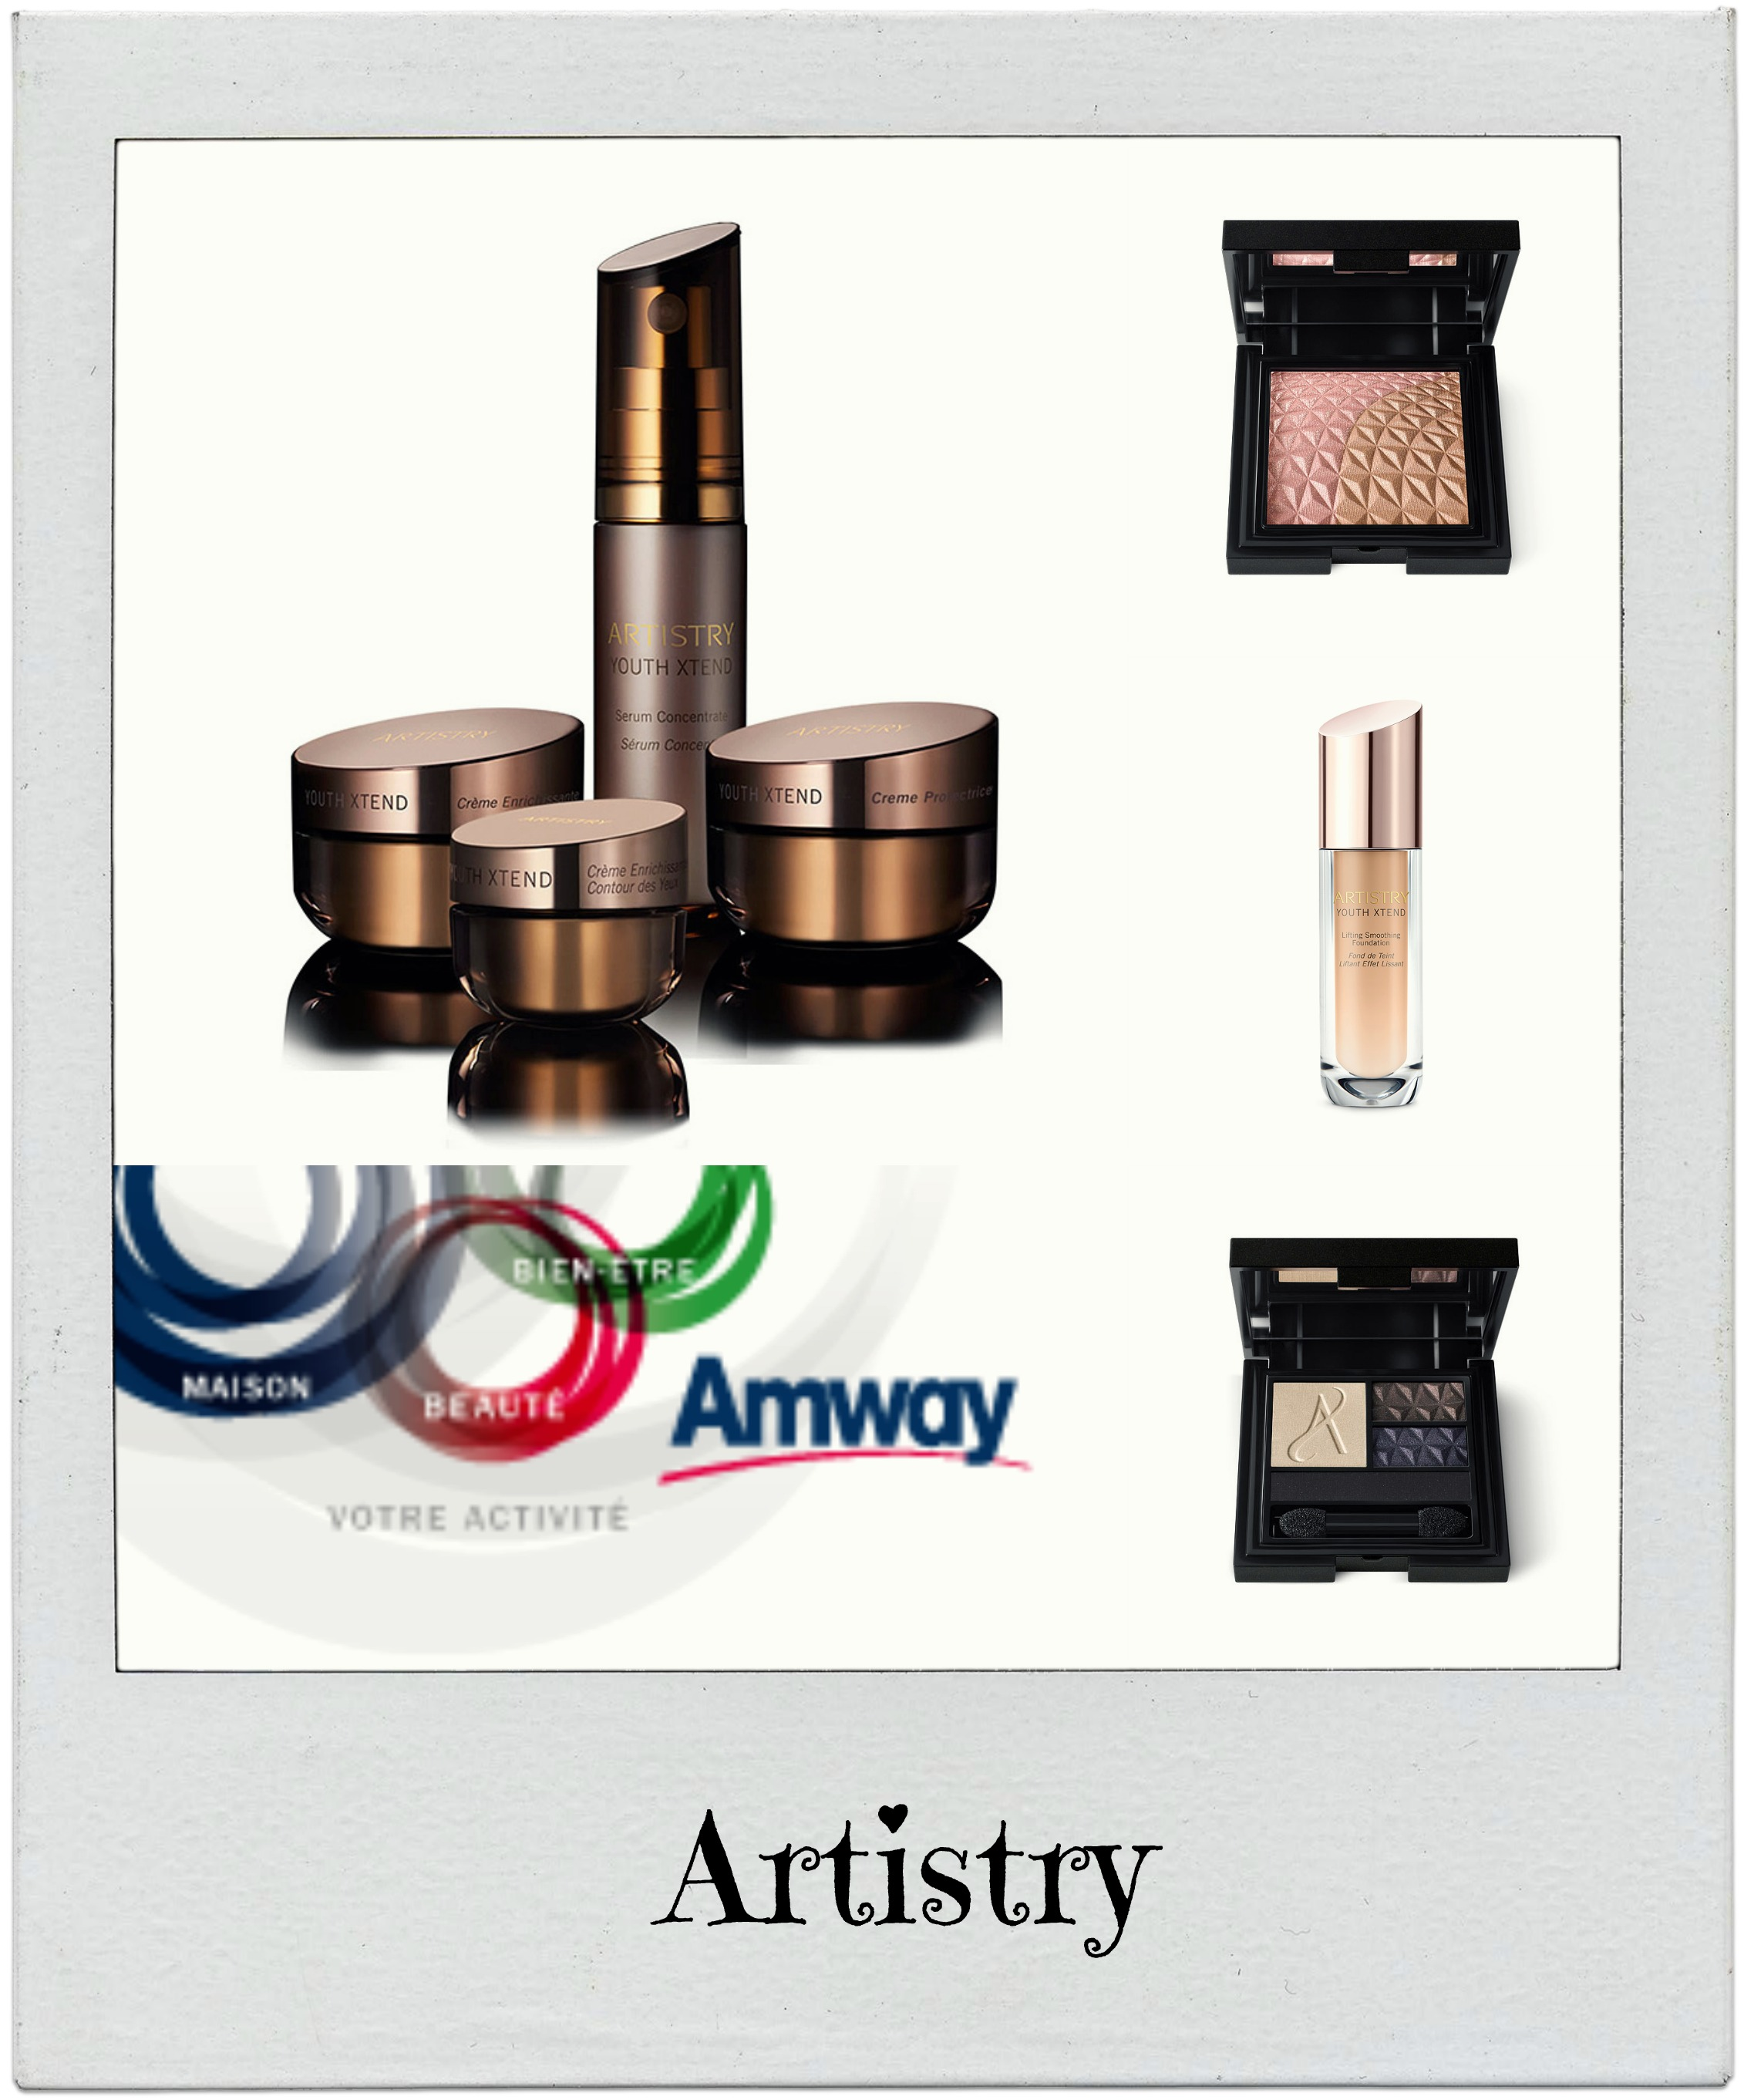 Artistry, une marque qui mérite d'être connue